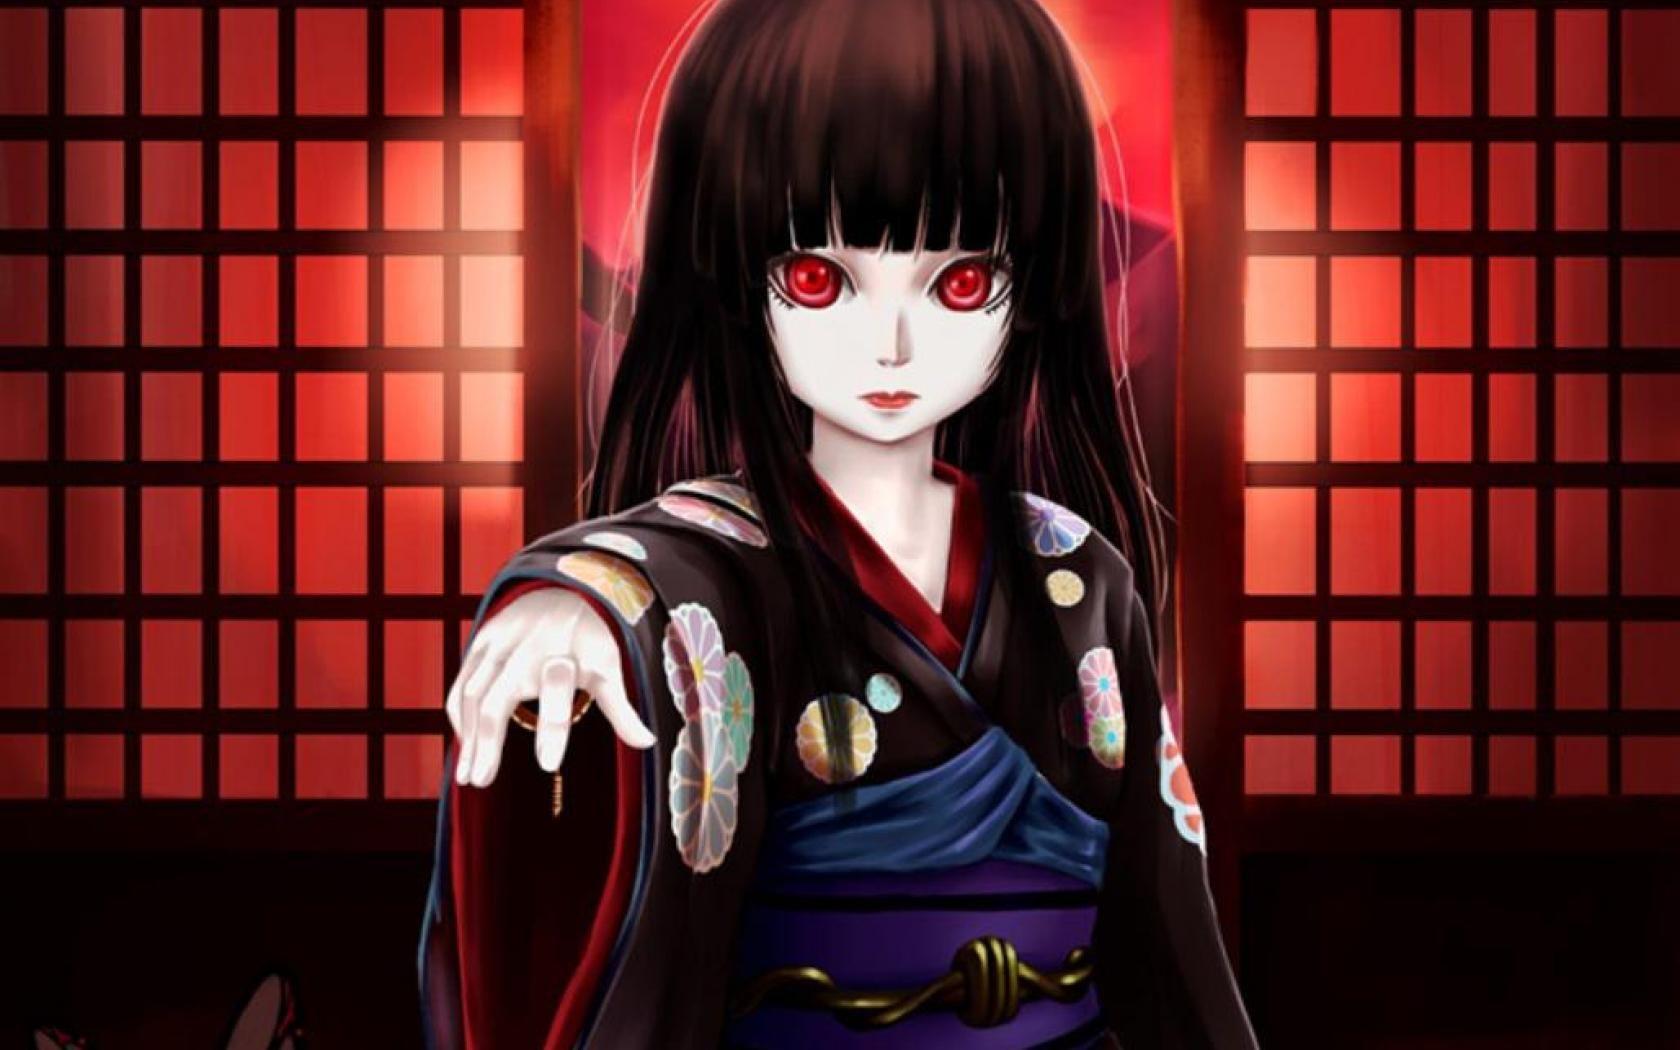 Unduh 800+ Wallpaper Anime Sadis Hd  Paling Keren